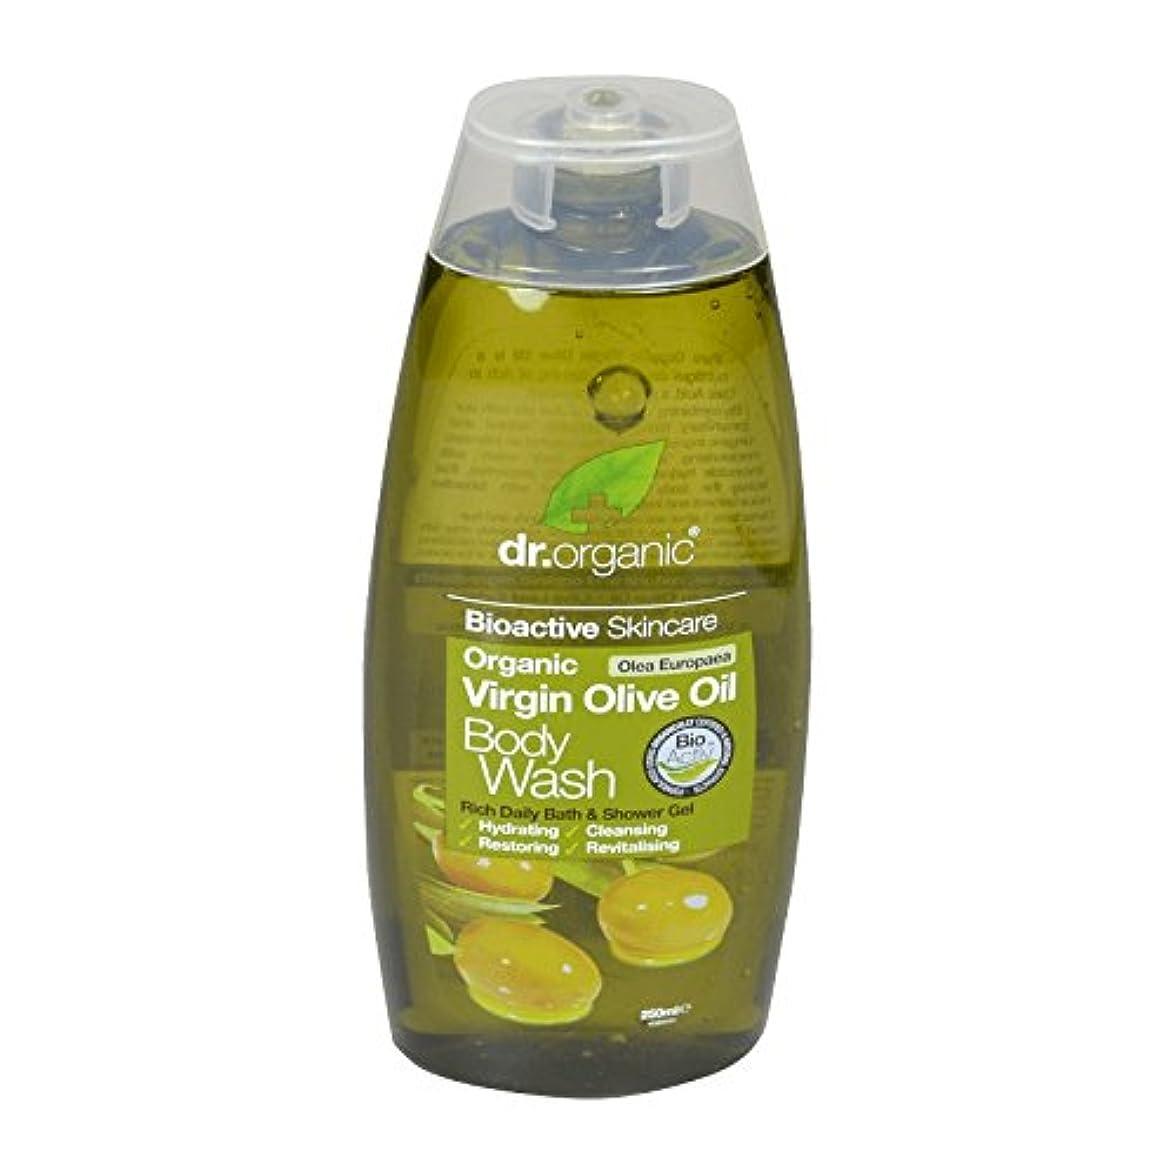 壊れた在庫他の場所Dr Organic Virgin Olive Oil Body Wash (Pack of 2) - Dr有機バージンオリーブオイルボディウォッシュ (x2) [並行輸入品]